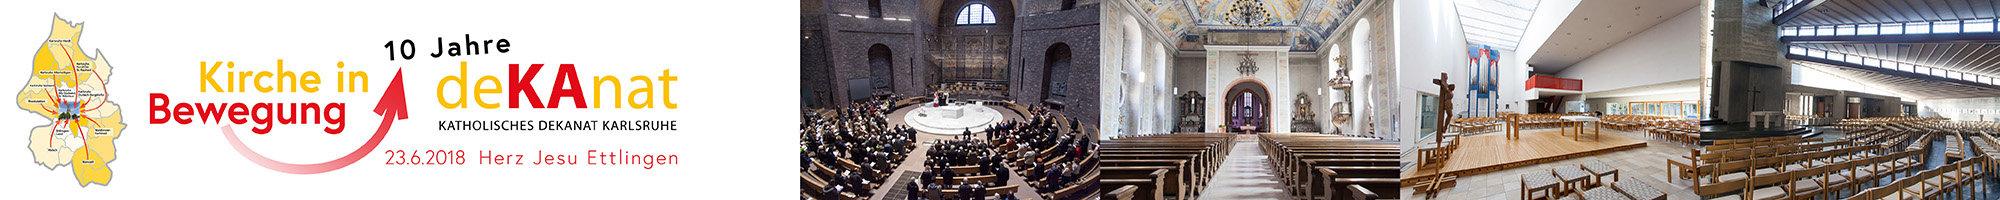 Europäer reift in der Kirche